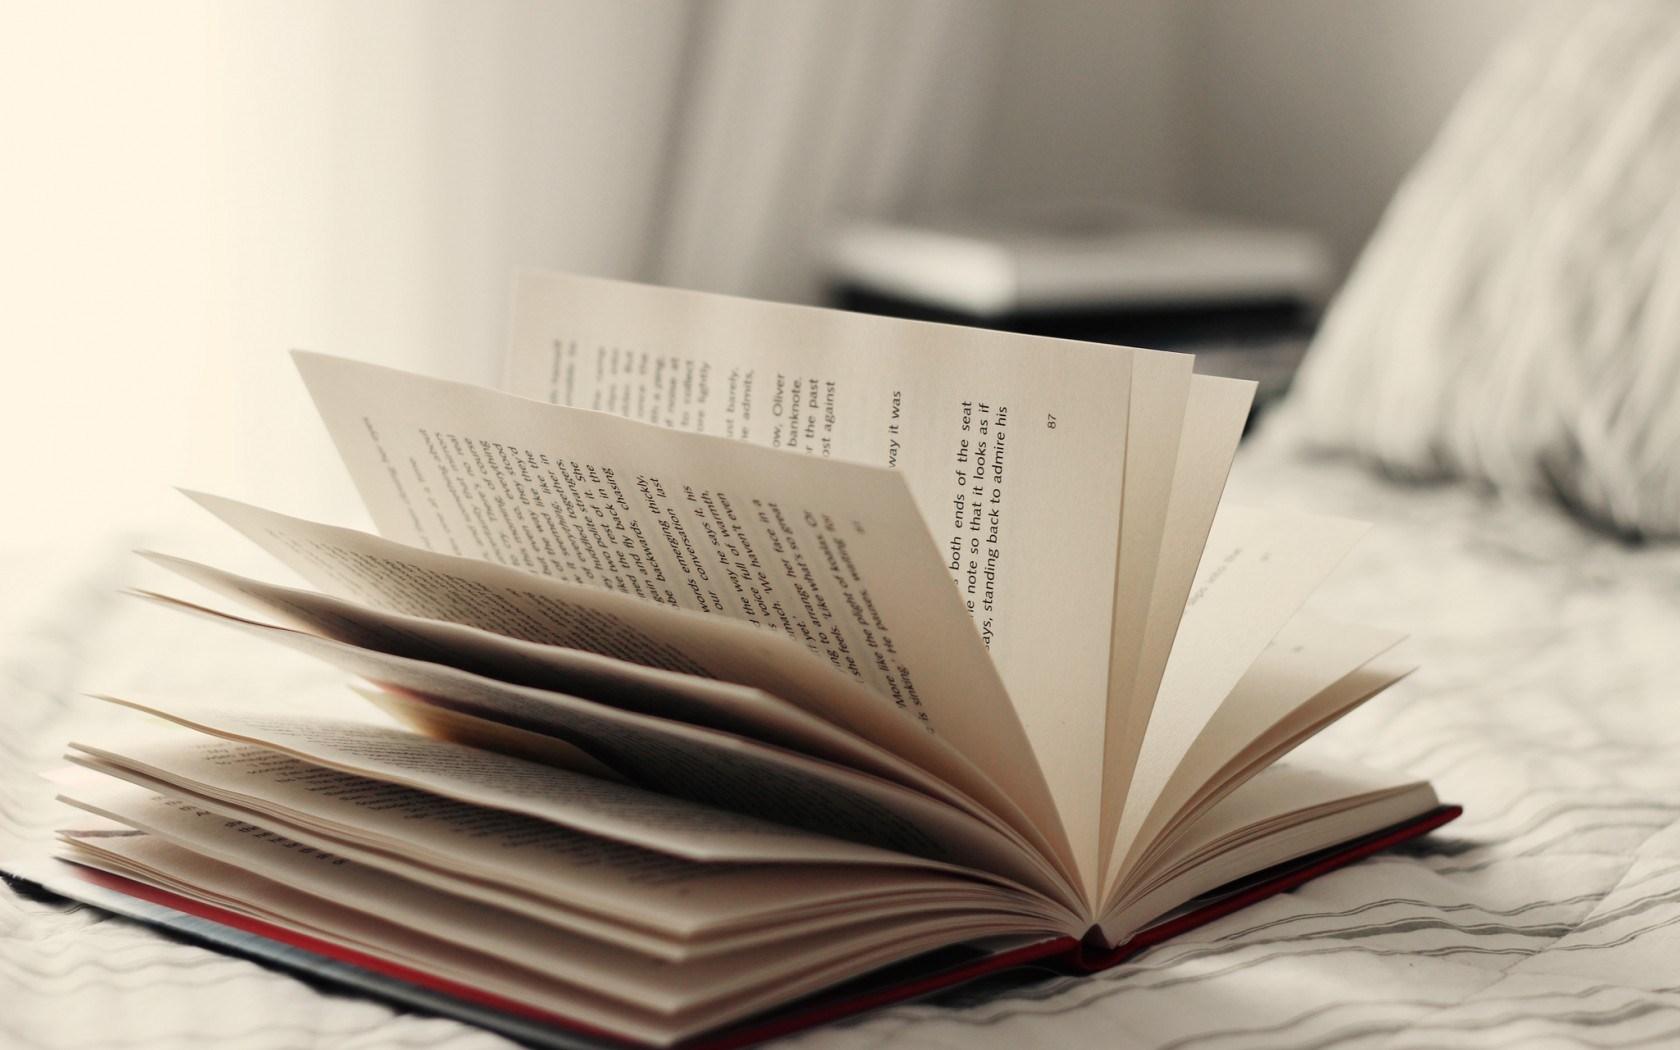 41 units of Book Wallpaper